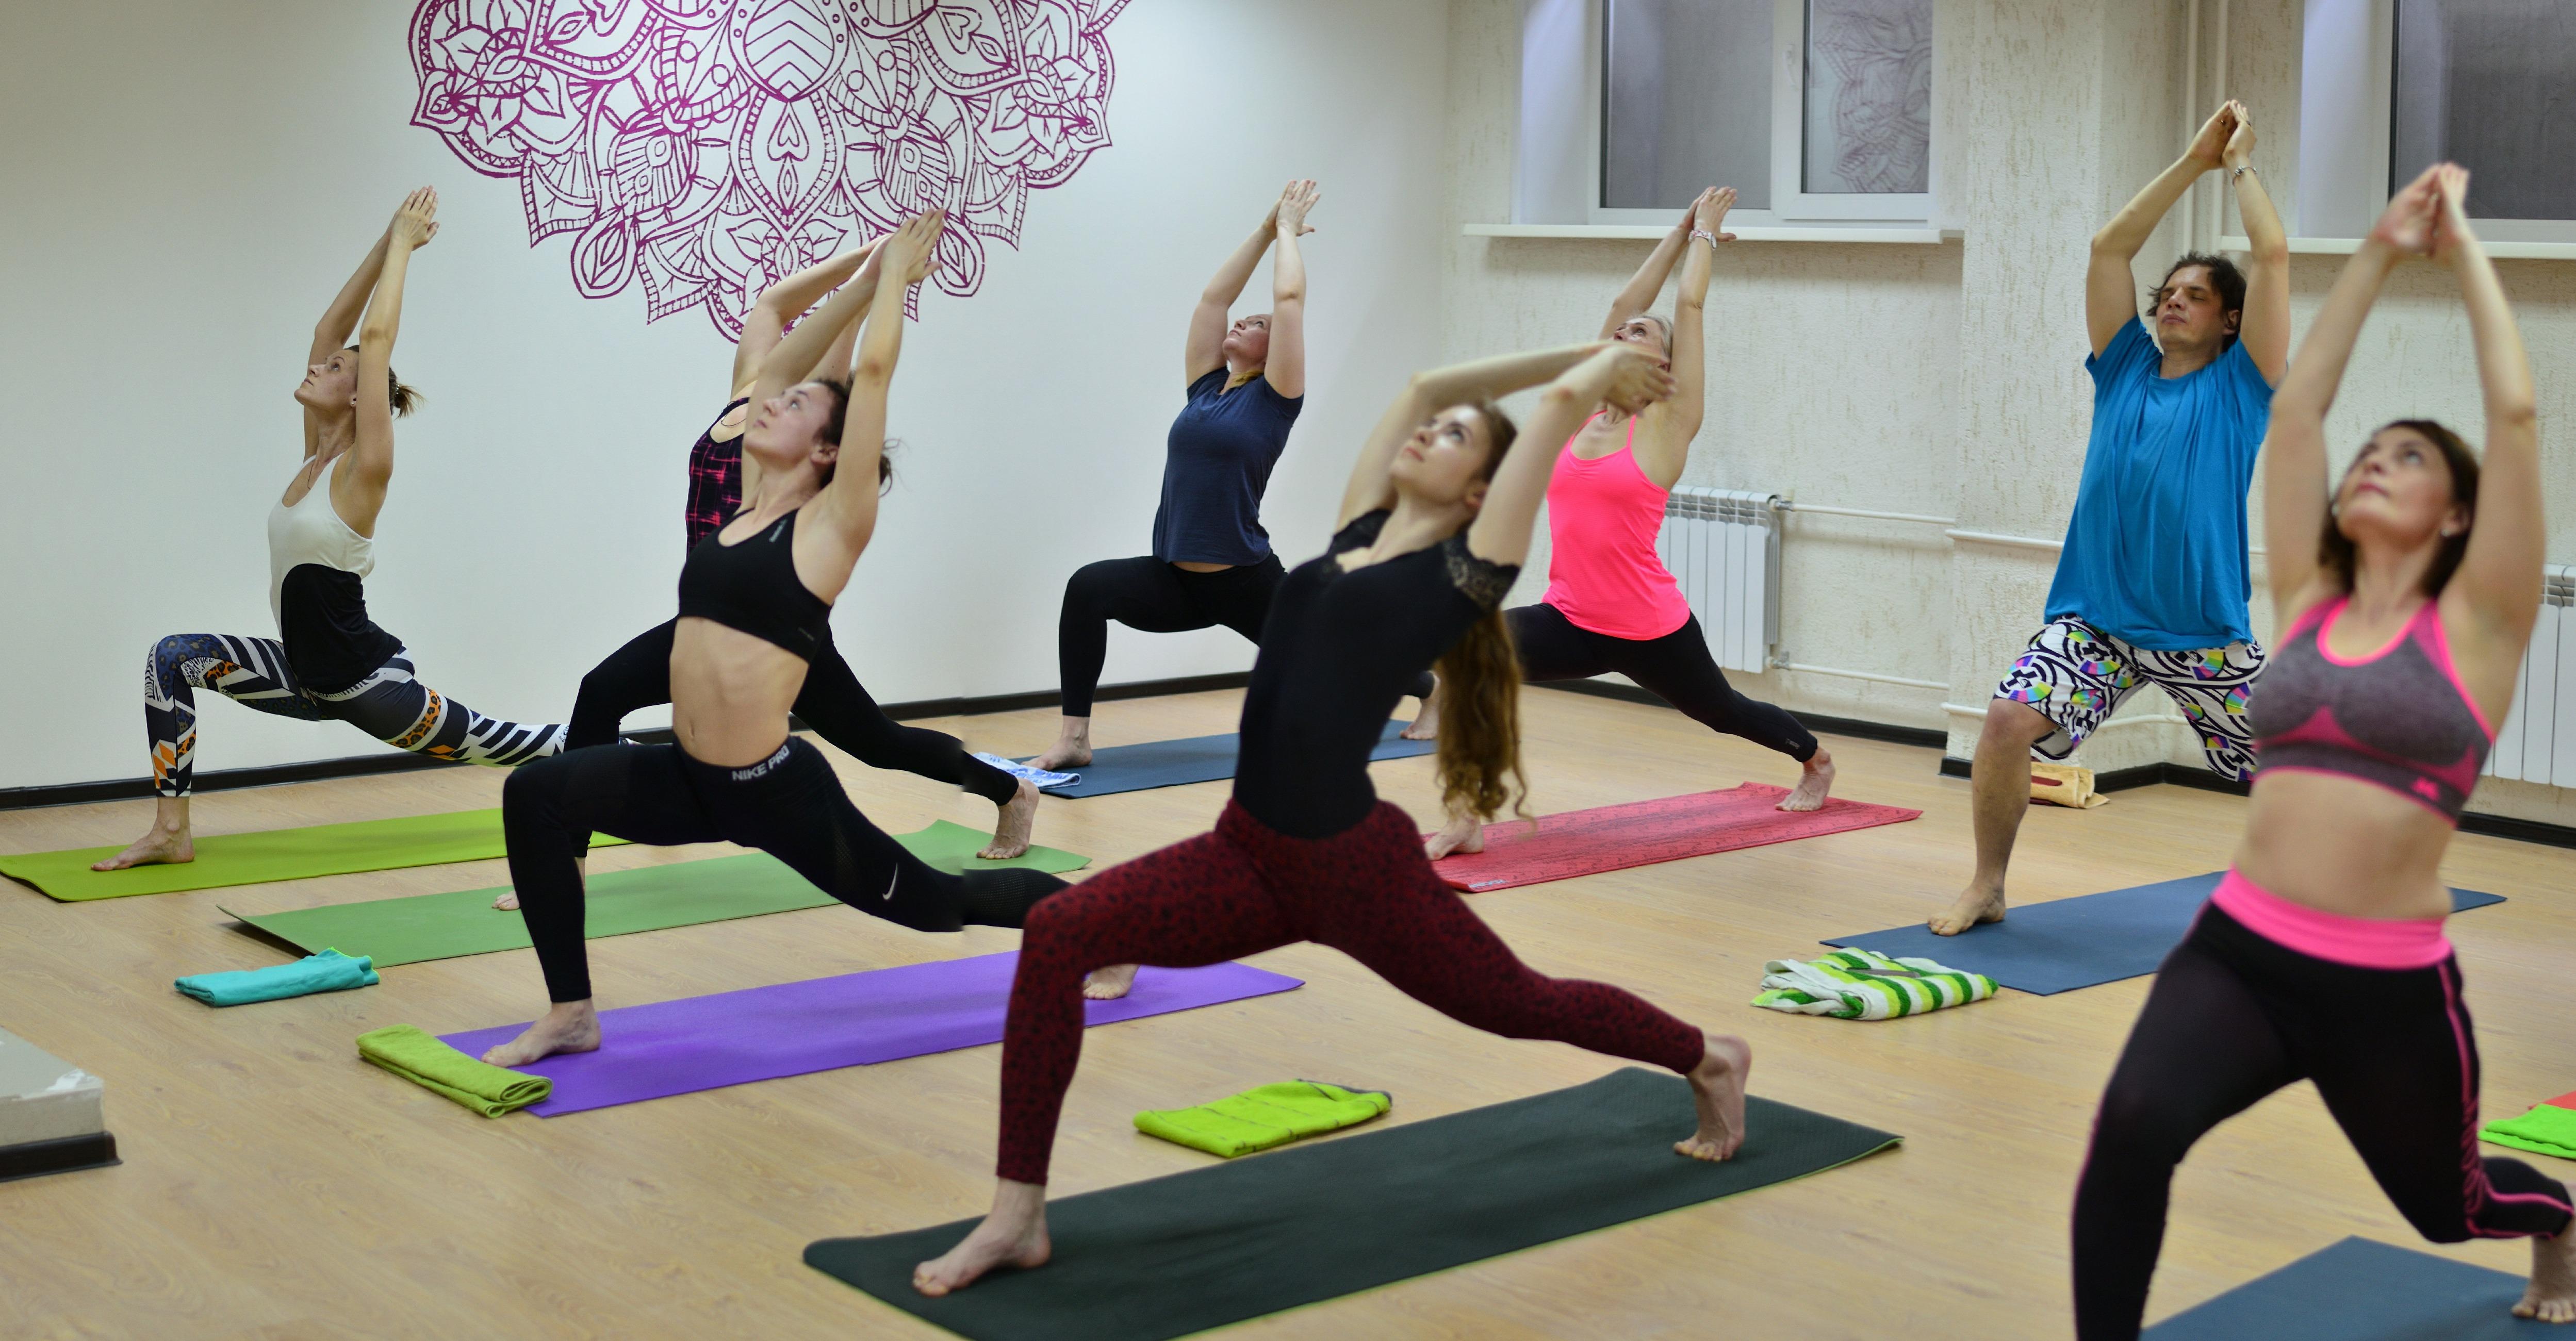 студия йоги й зал новосибирск